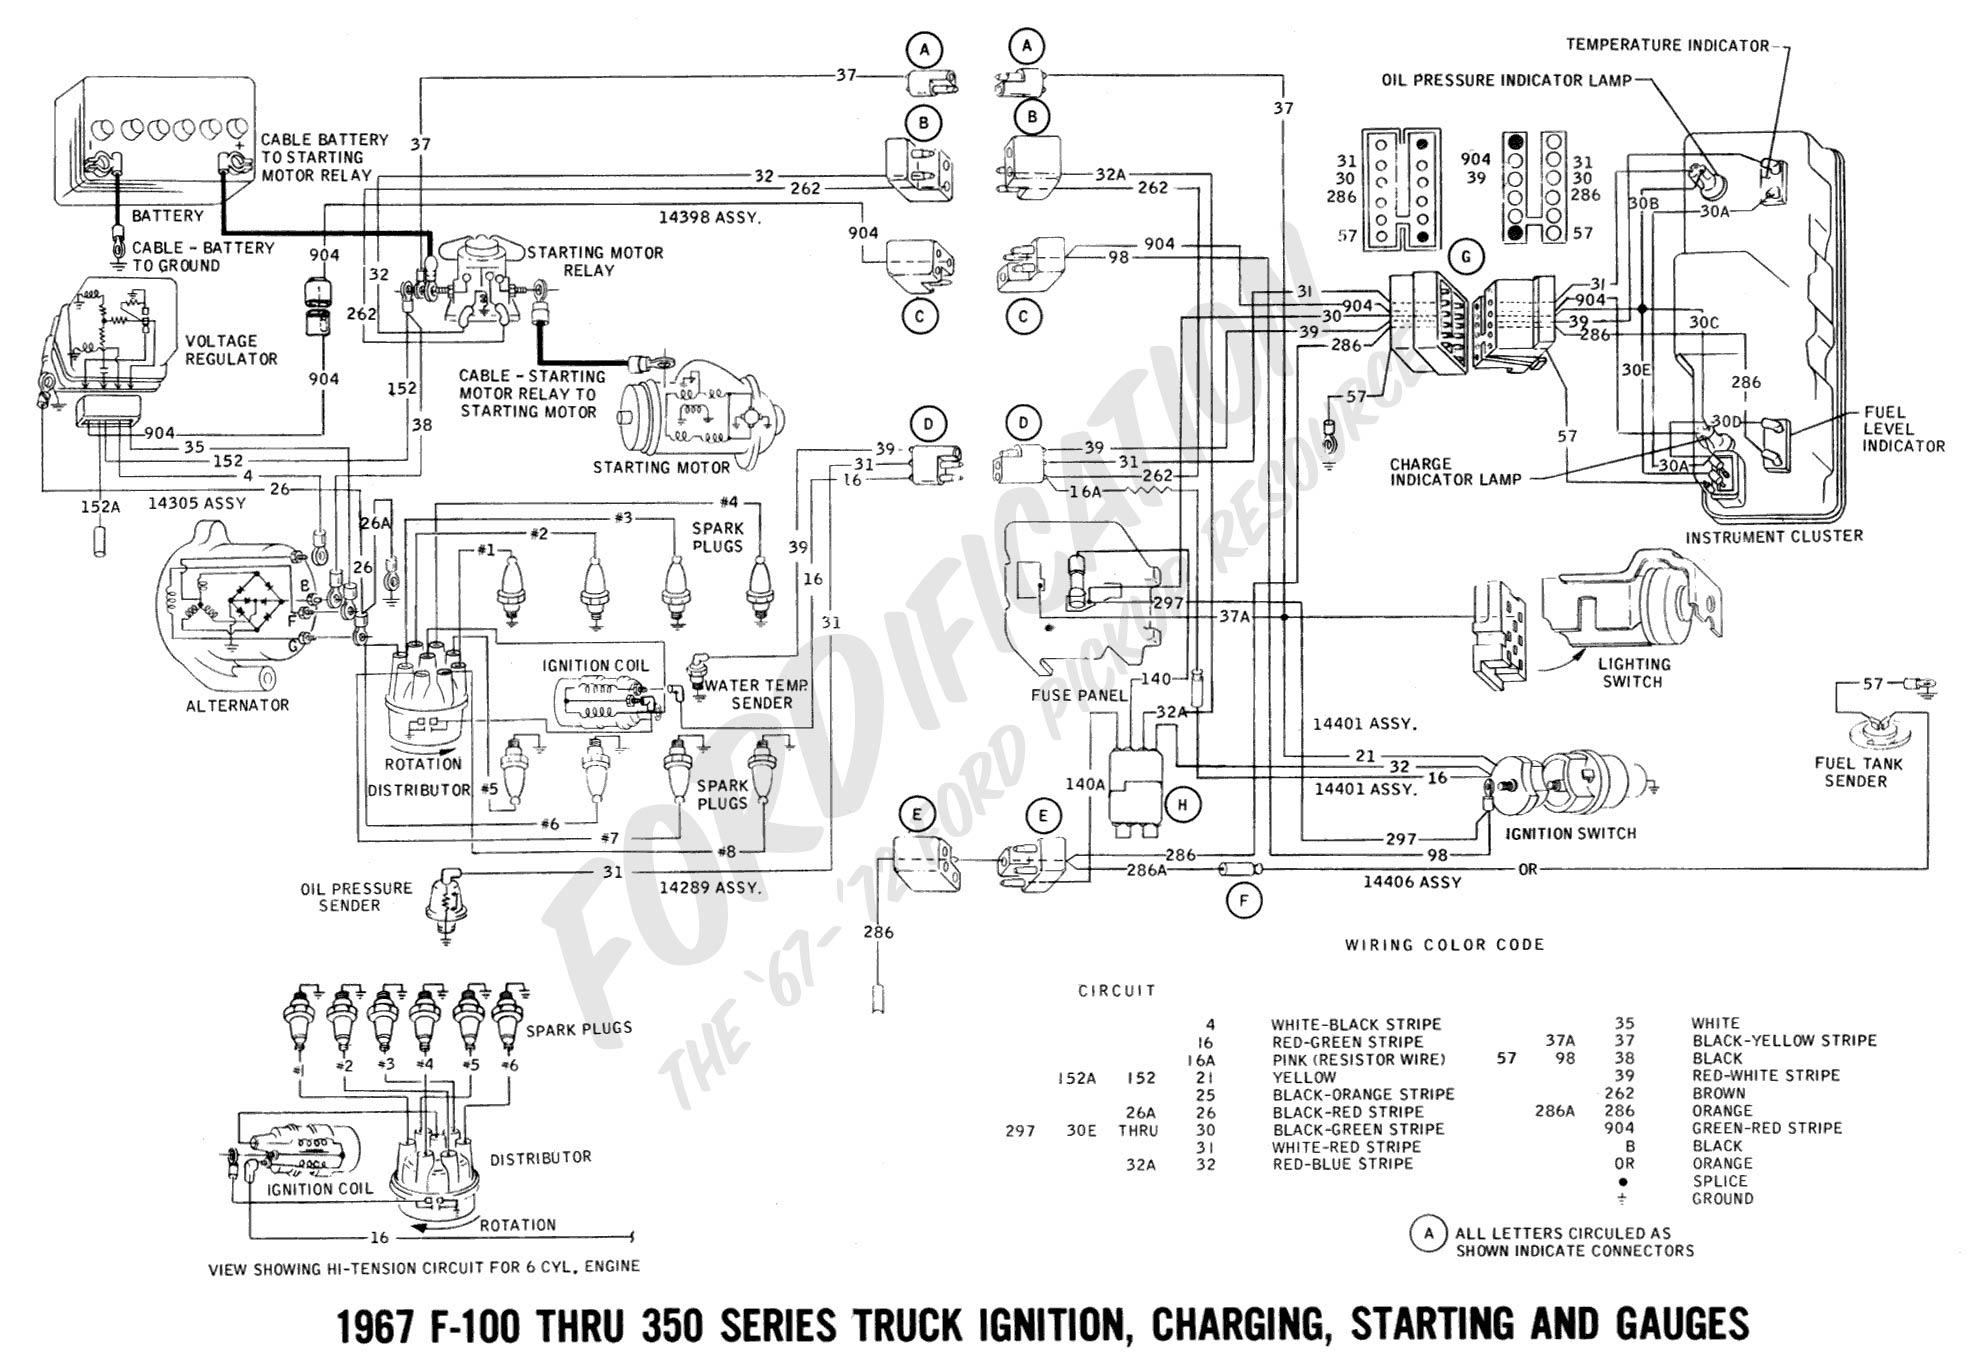 2006 F150 Vacuum Line Schematics